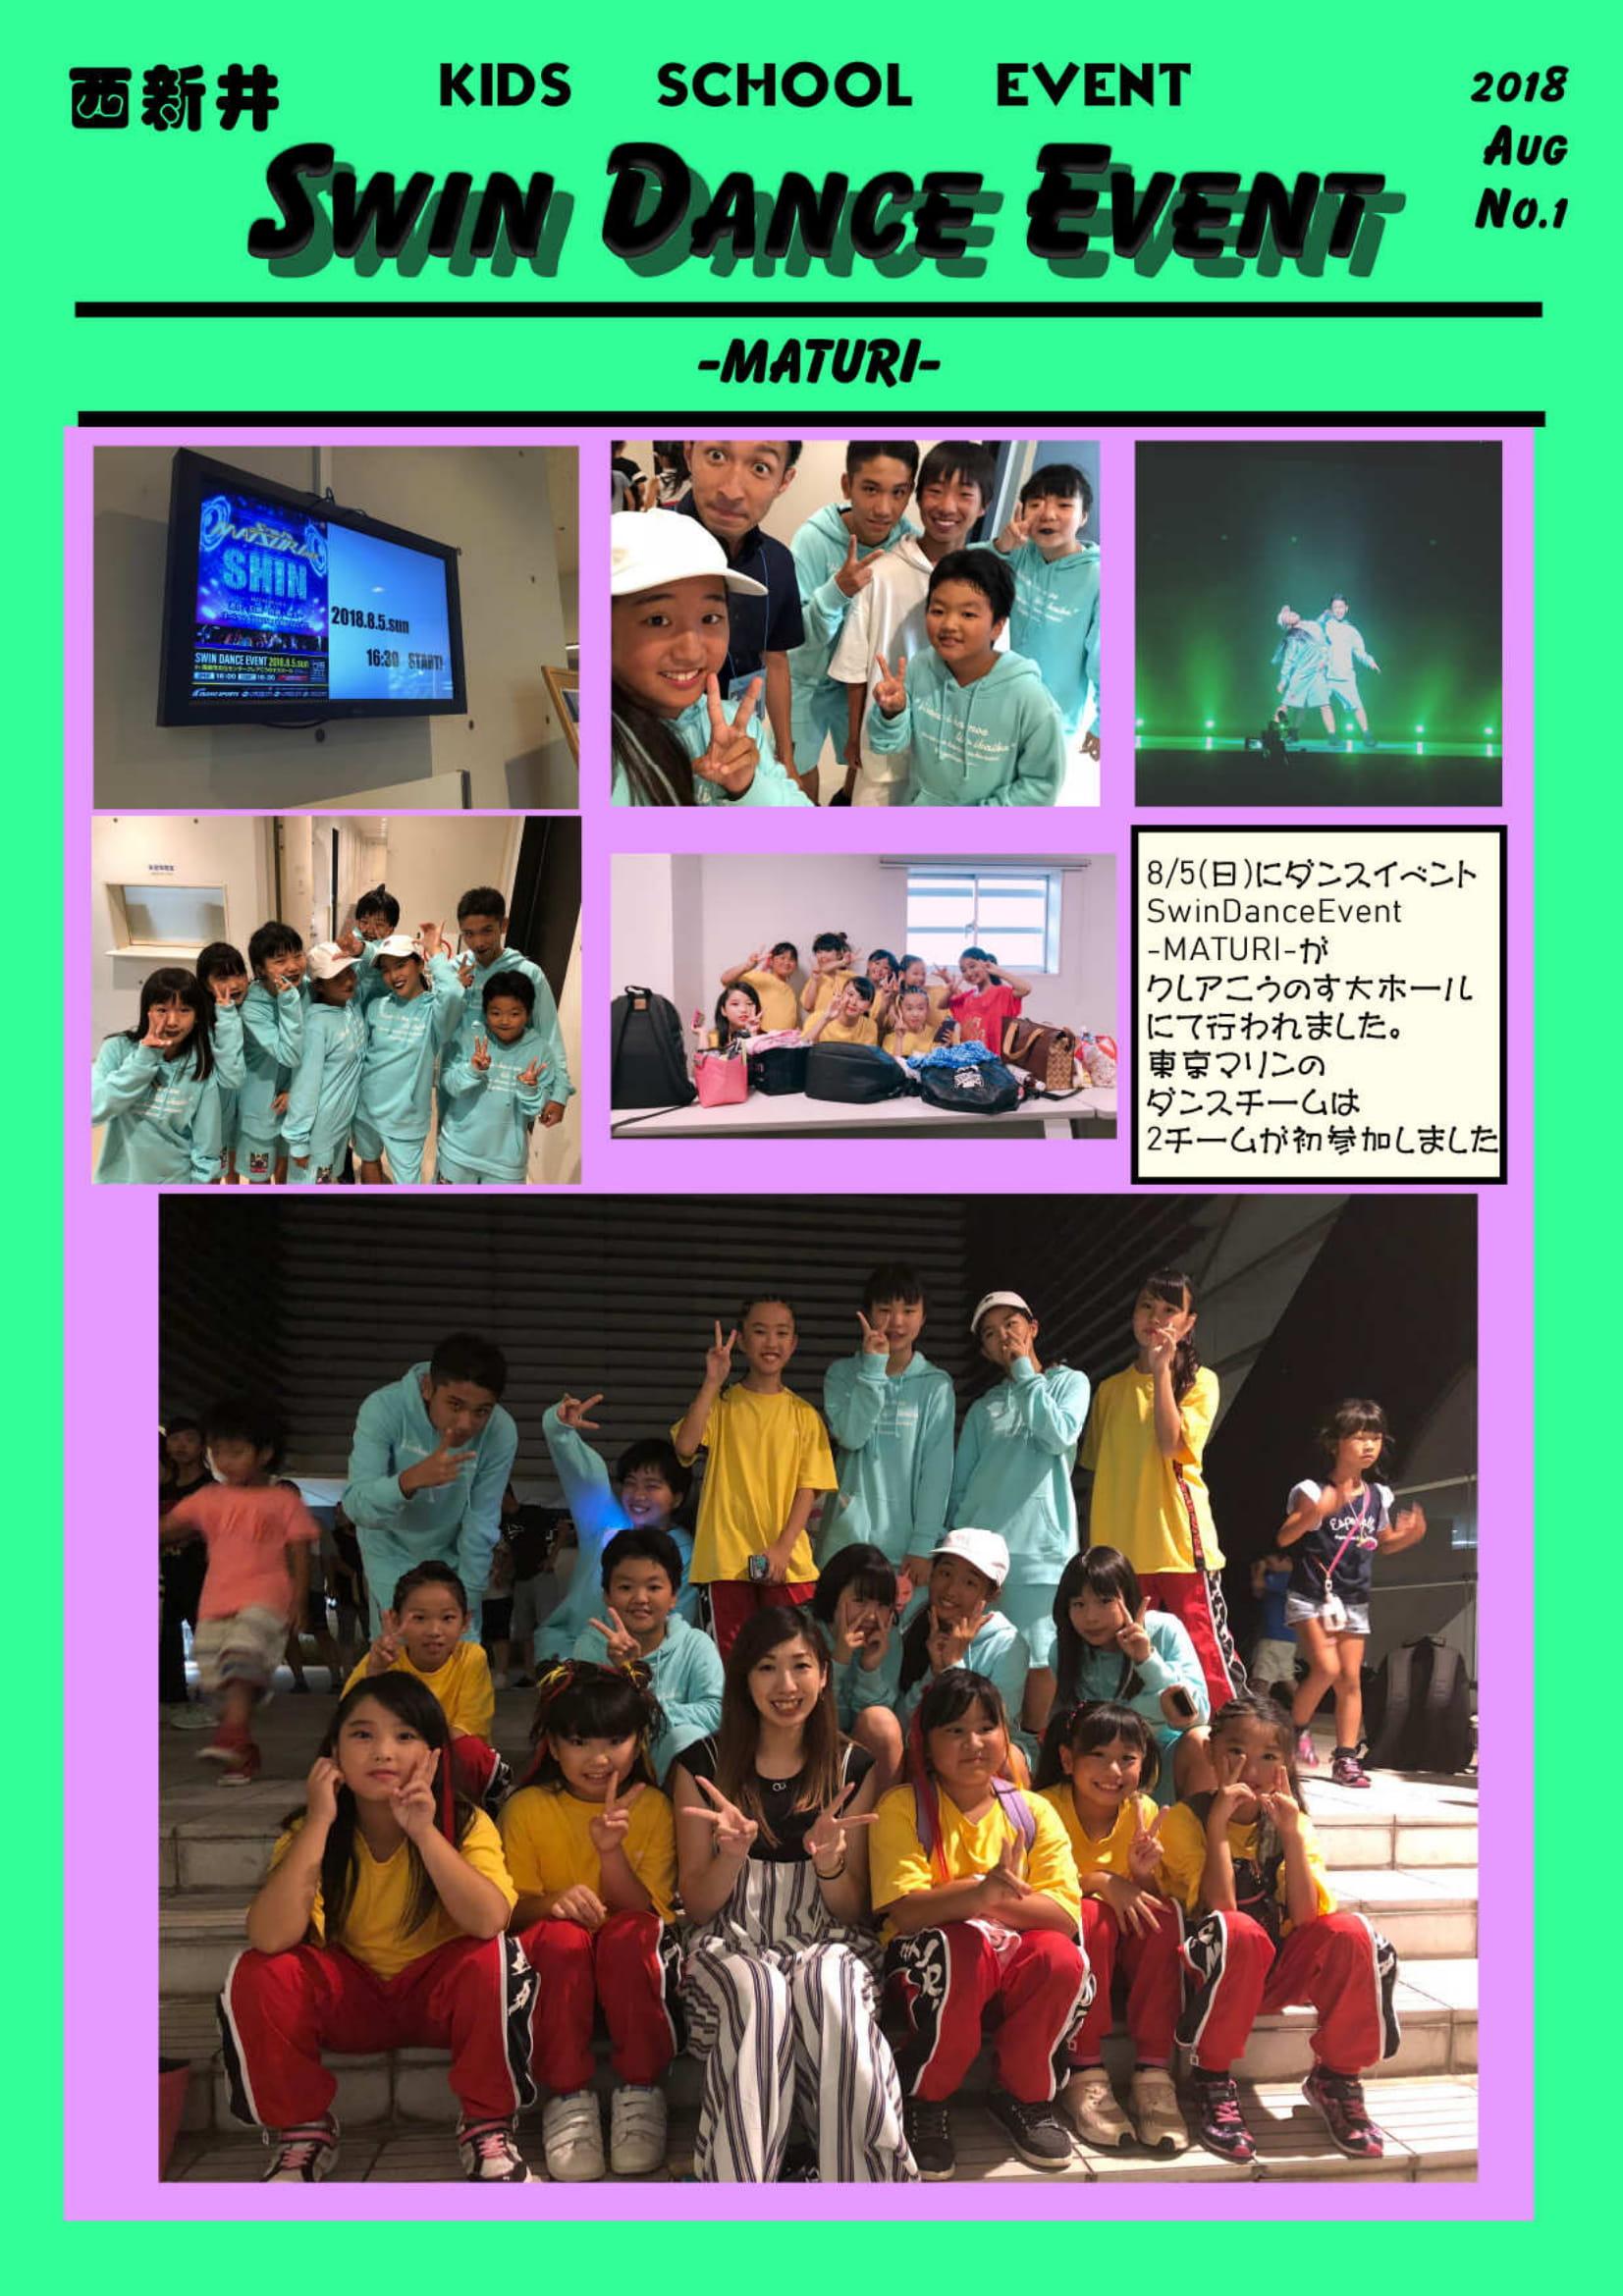 西新井スイミング「Swin Dance Event -MATURI-」に参加しました!